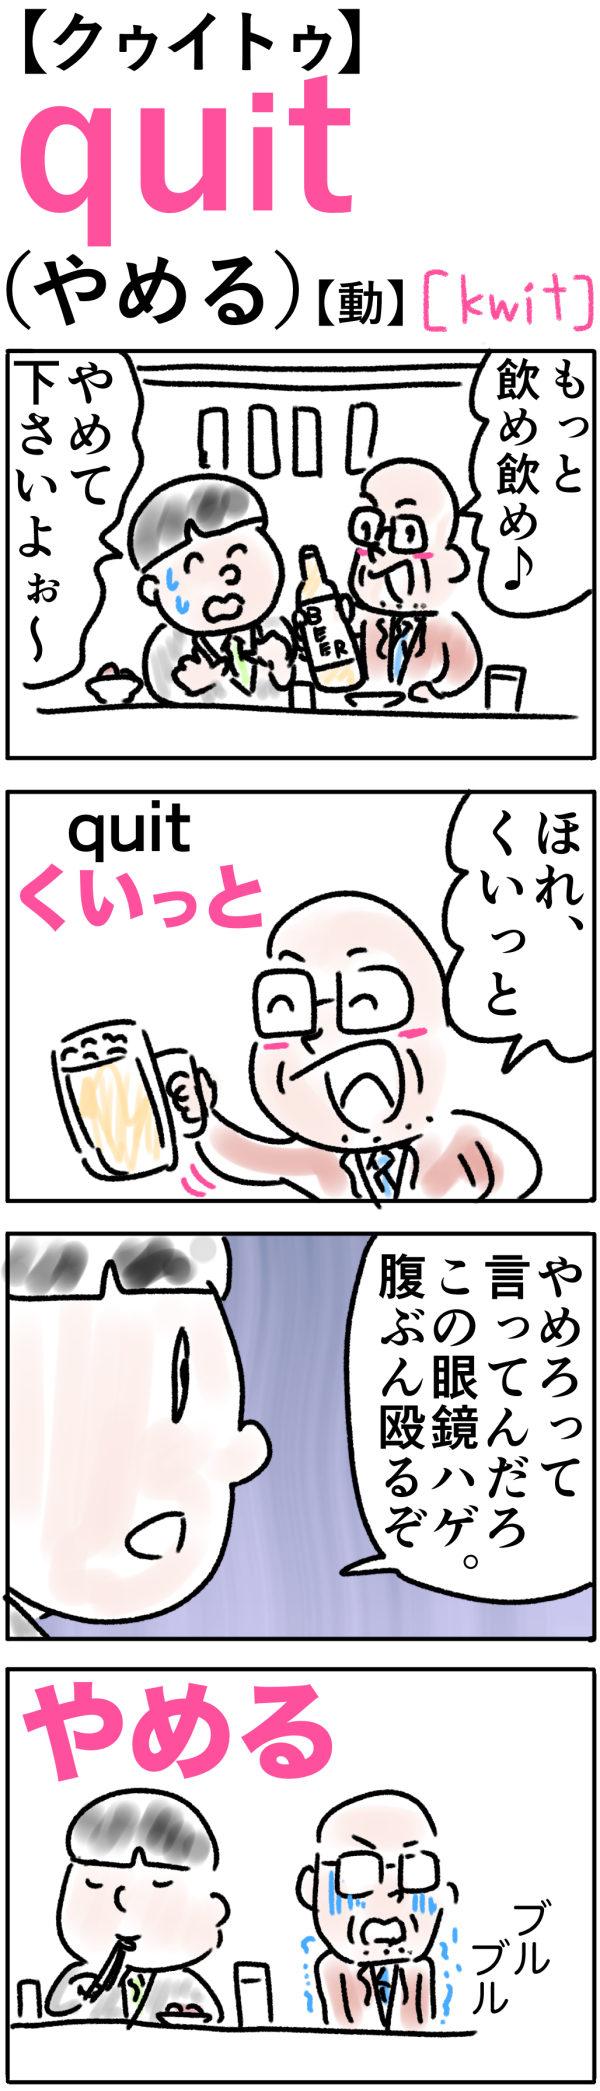 quit(やめる)の語呂合わせ英単語